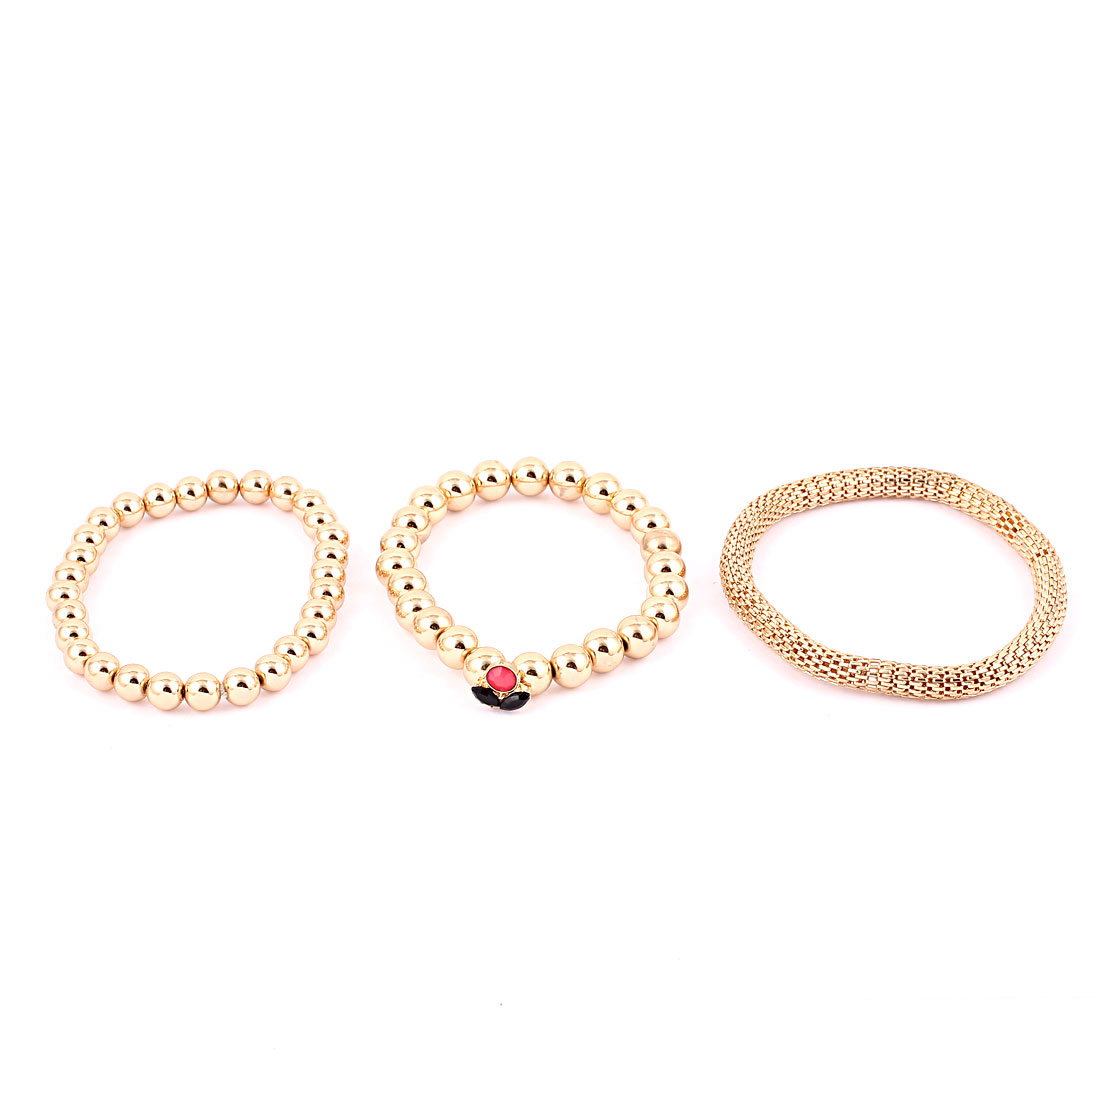 Unisex 3 Pcs Gold Tone Plastic Beads Decor Elastic Band Bracelets Bangle